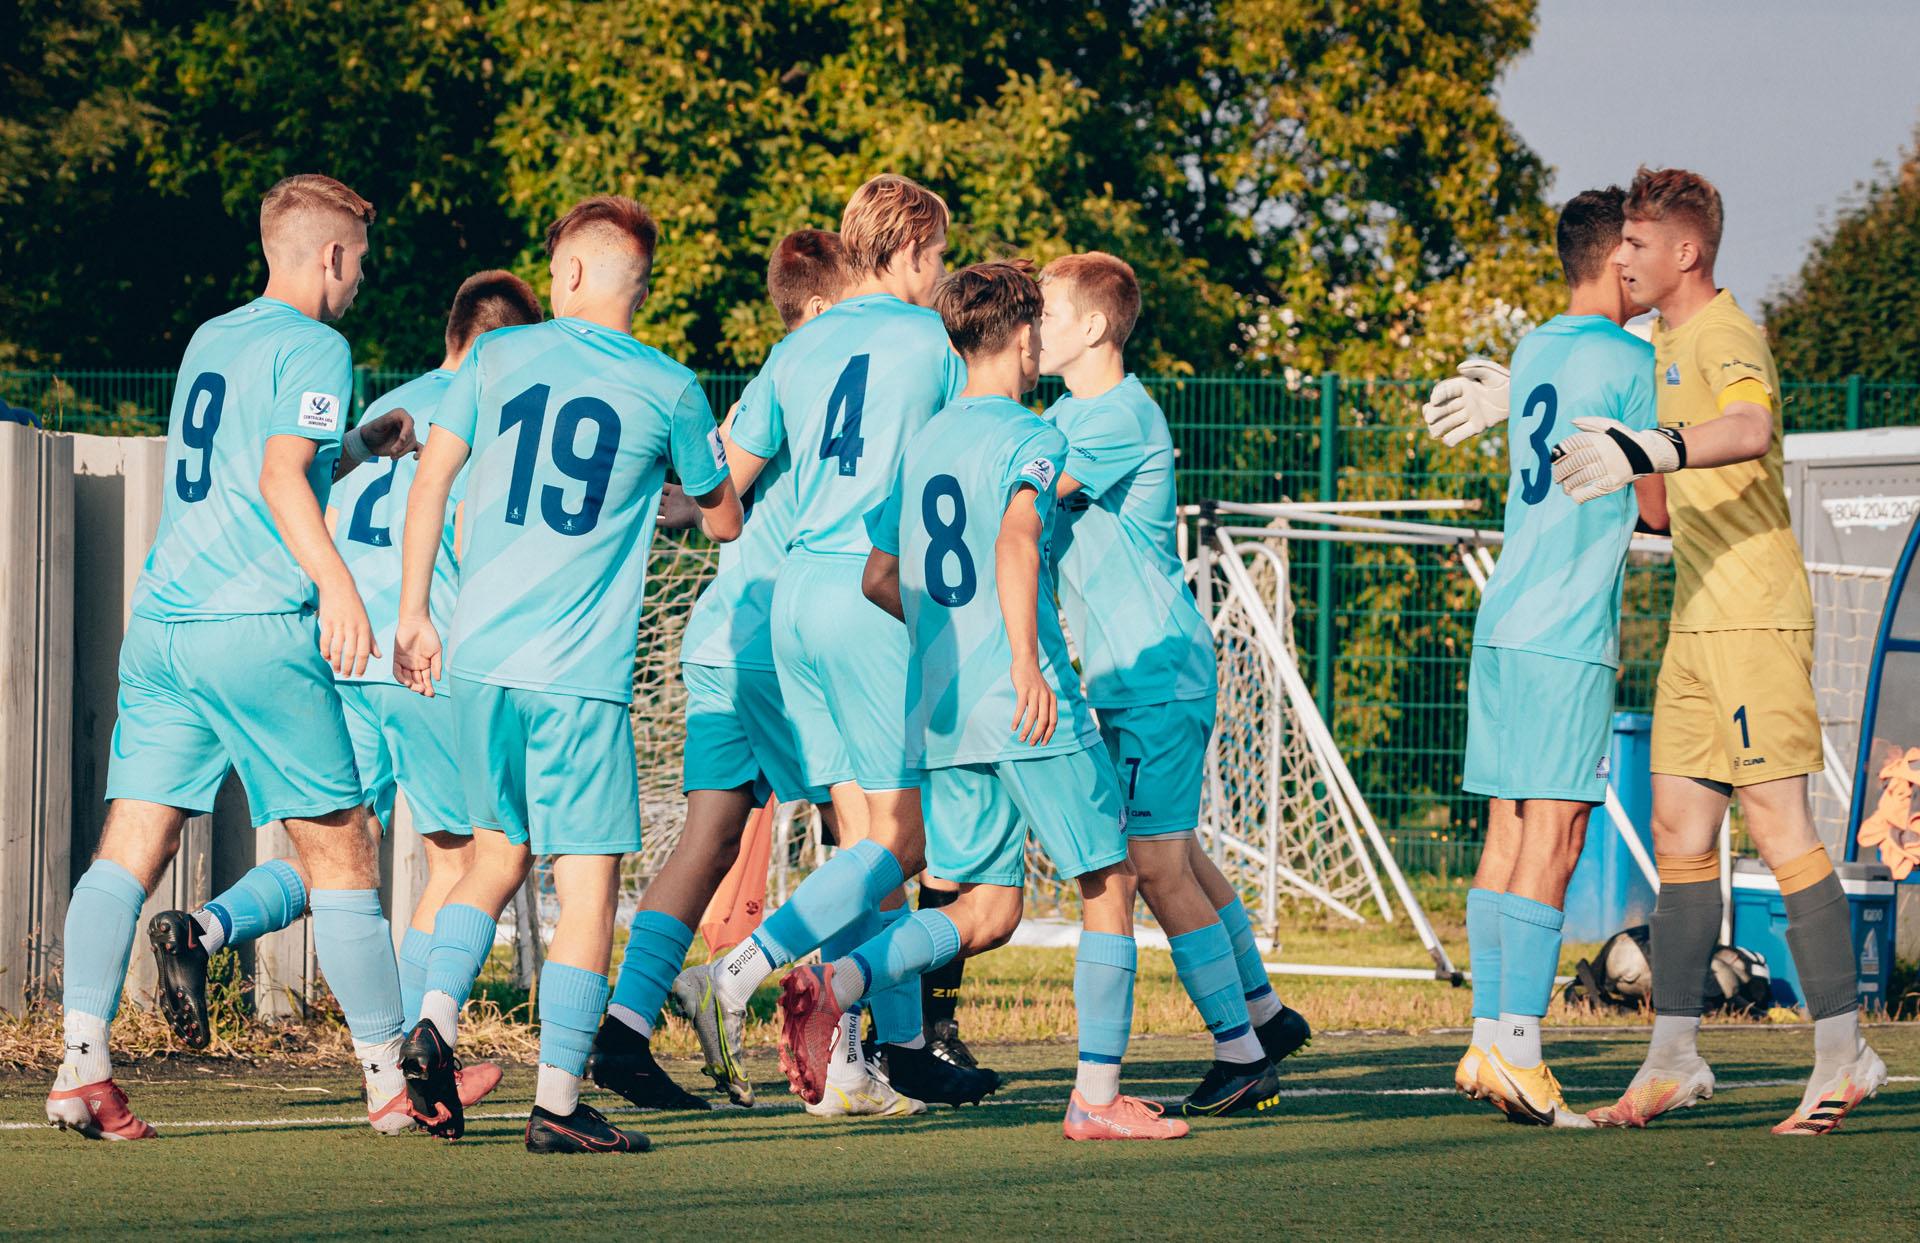 U17 - Stal Rzeszów - Resovia Rzeszów 2021-09-11, fot. K.Krupa